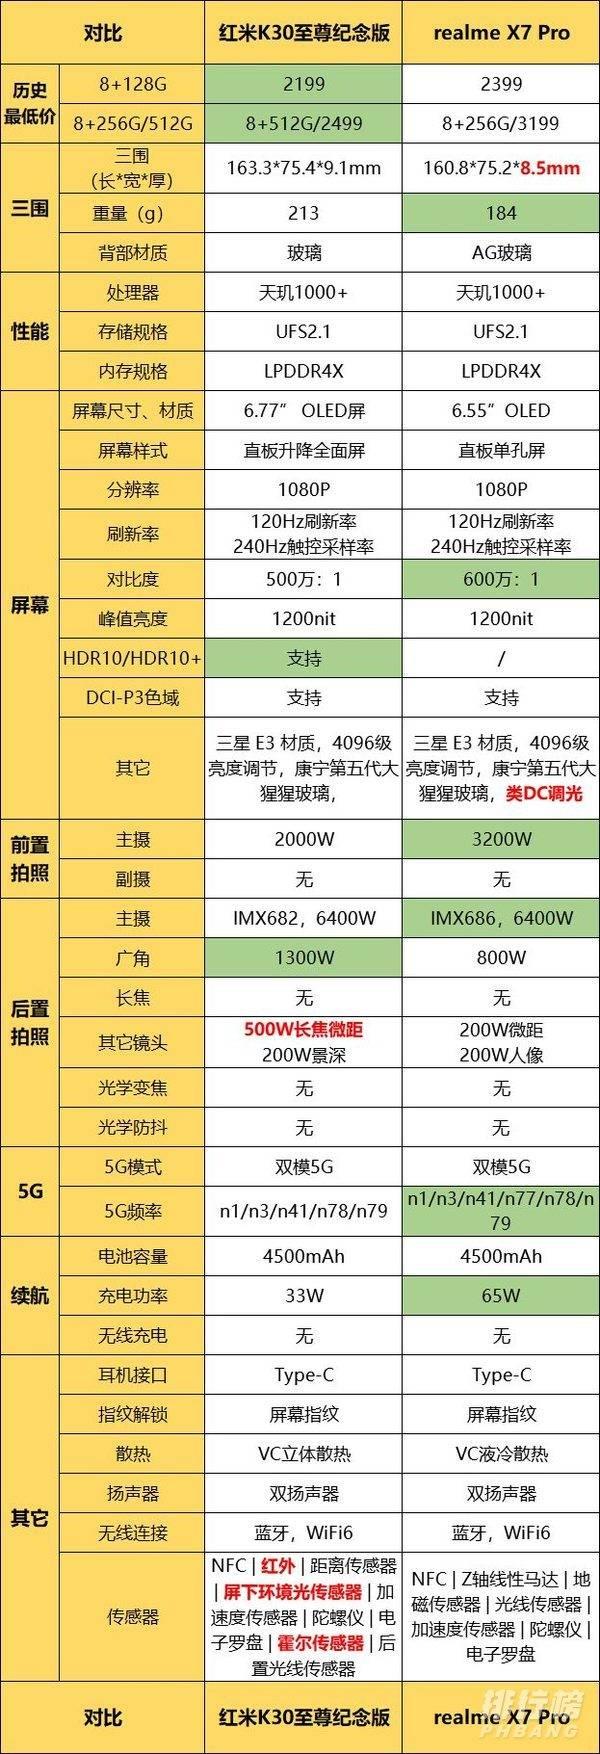 红米K30至尊版和realme X7Pro哪个好_红米K30至尊纪念版和realmex7PRO对比